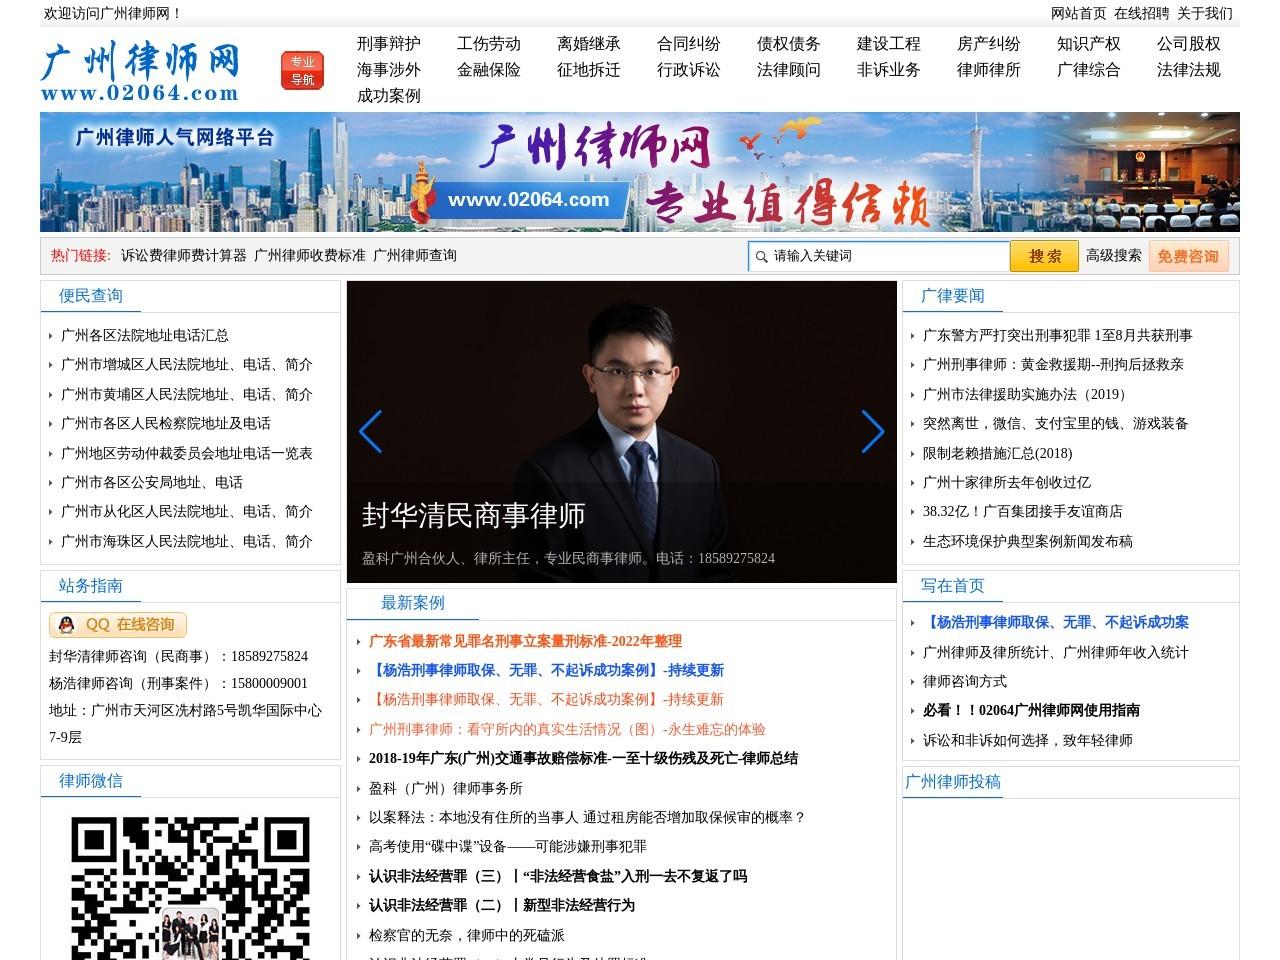 广州律师网首页